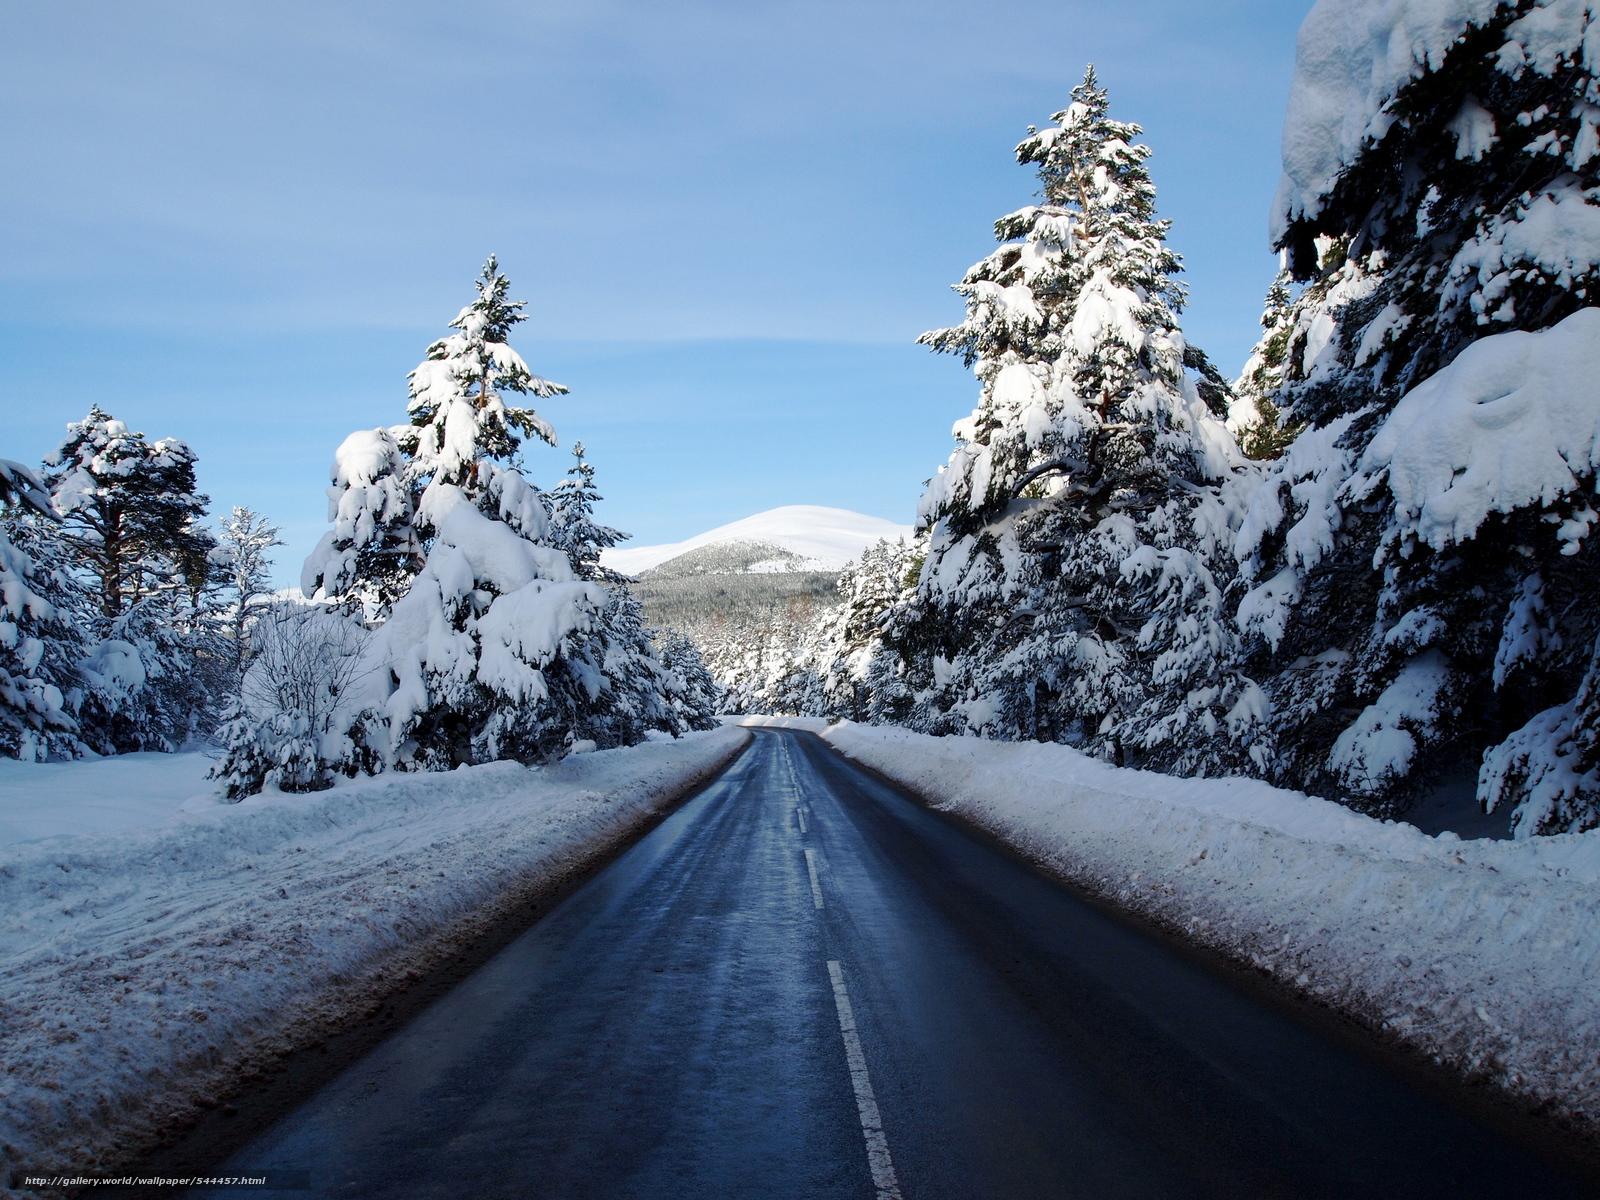 pobra tapety zima,  droga,  drzew,  krajobraz Darmowe tapety na pulpit rozdzielczoci 2560x1920 — zdjcie №544457